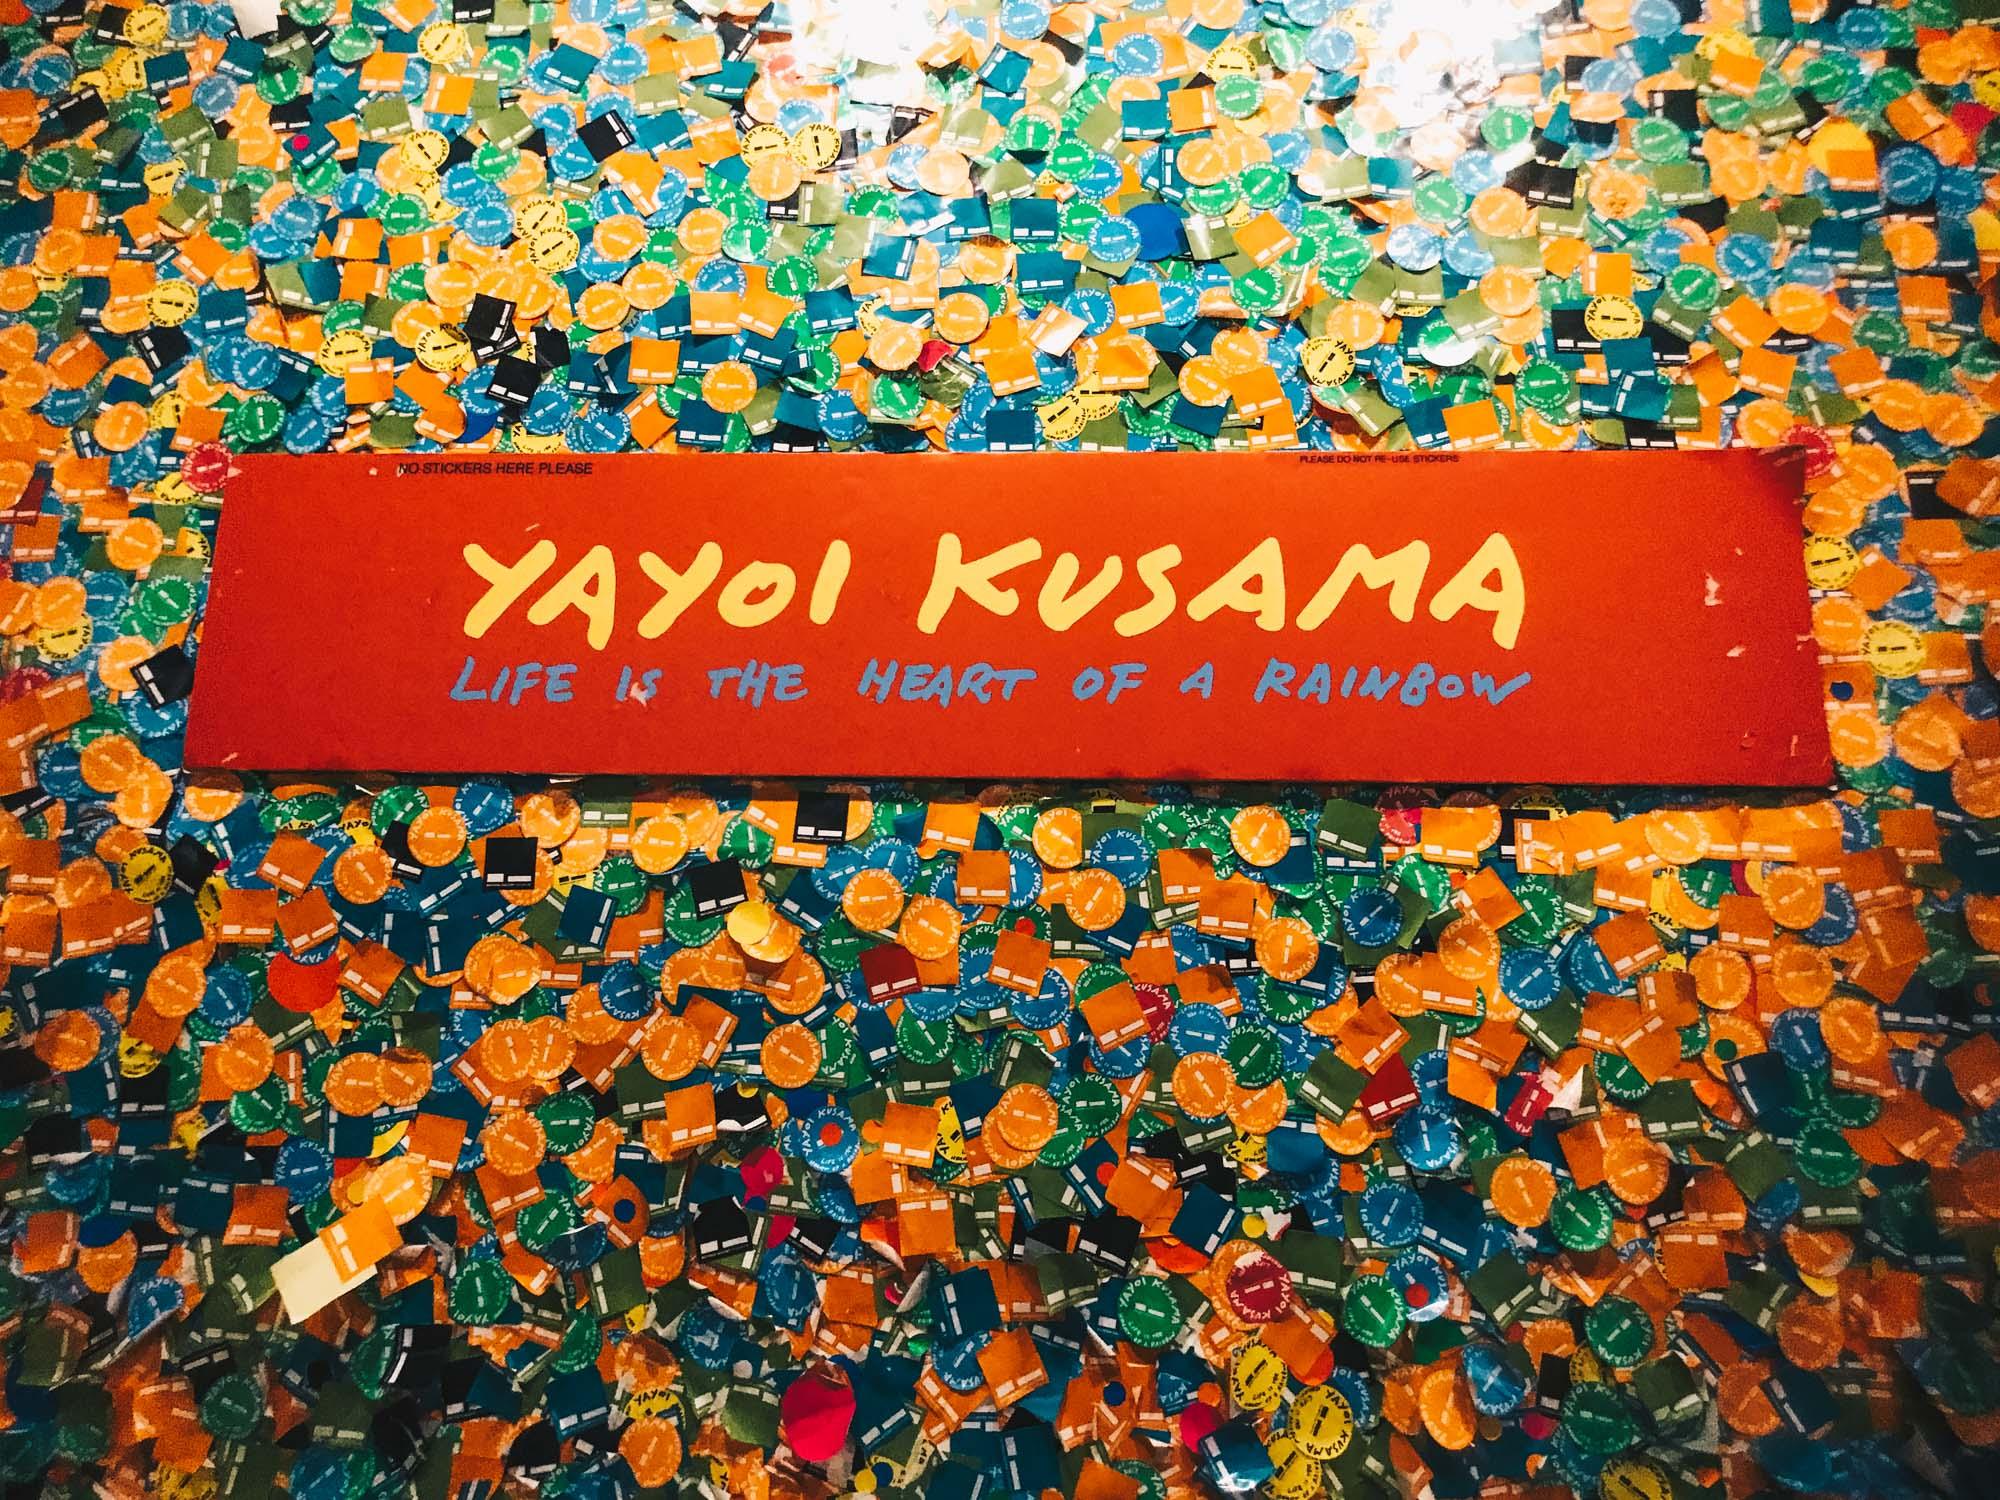 yayoi kusama exhibition singapore darrenbloggie-13